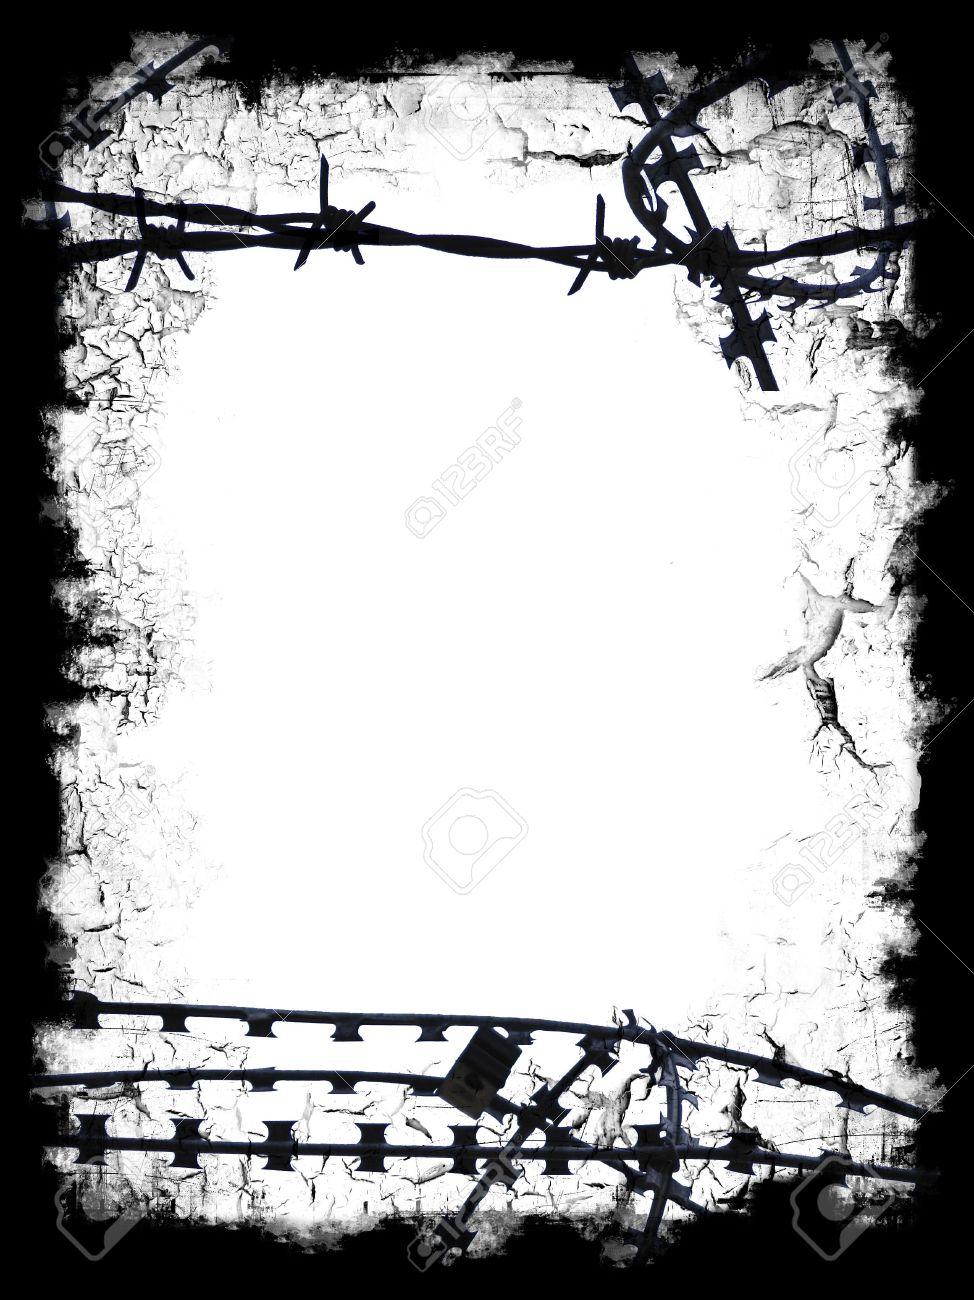 Razor Wire Border.